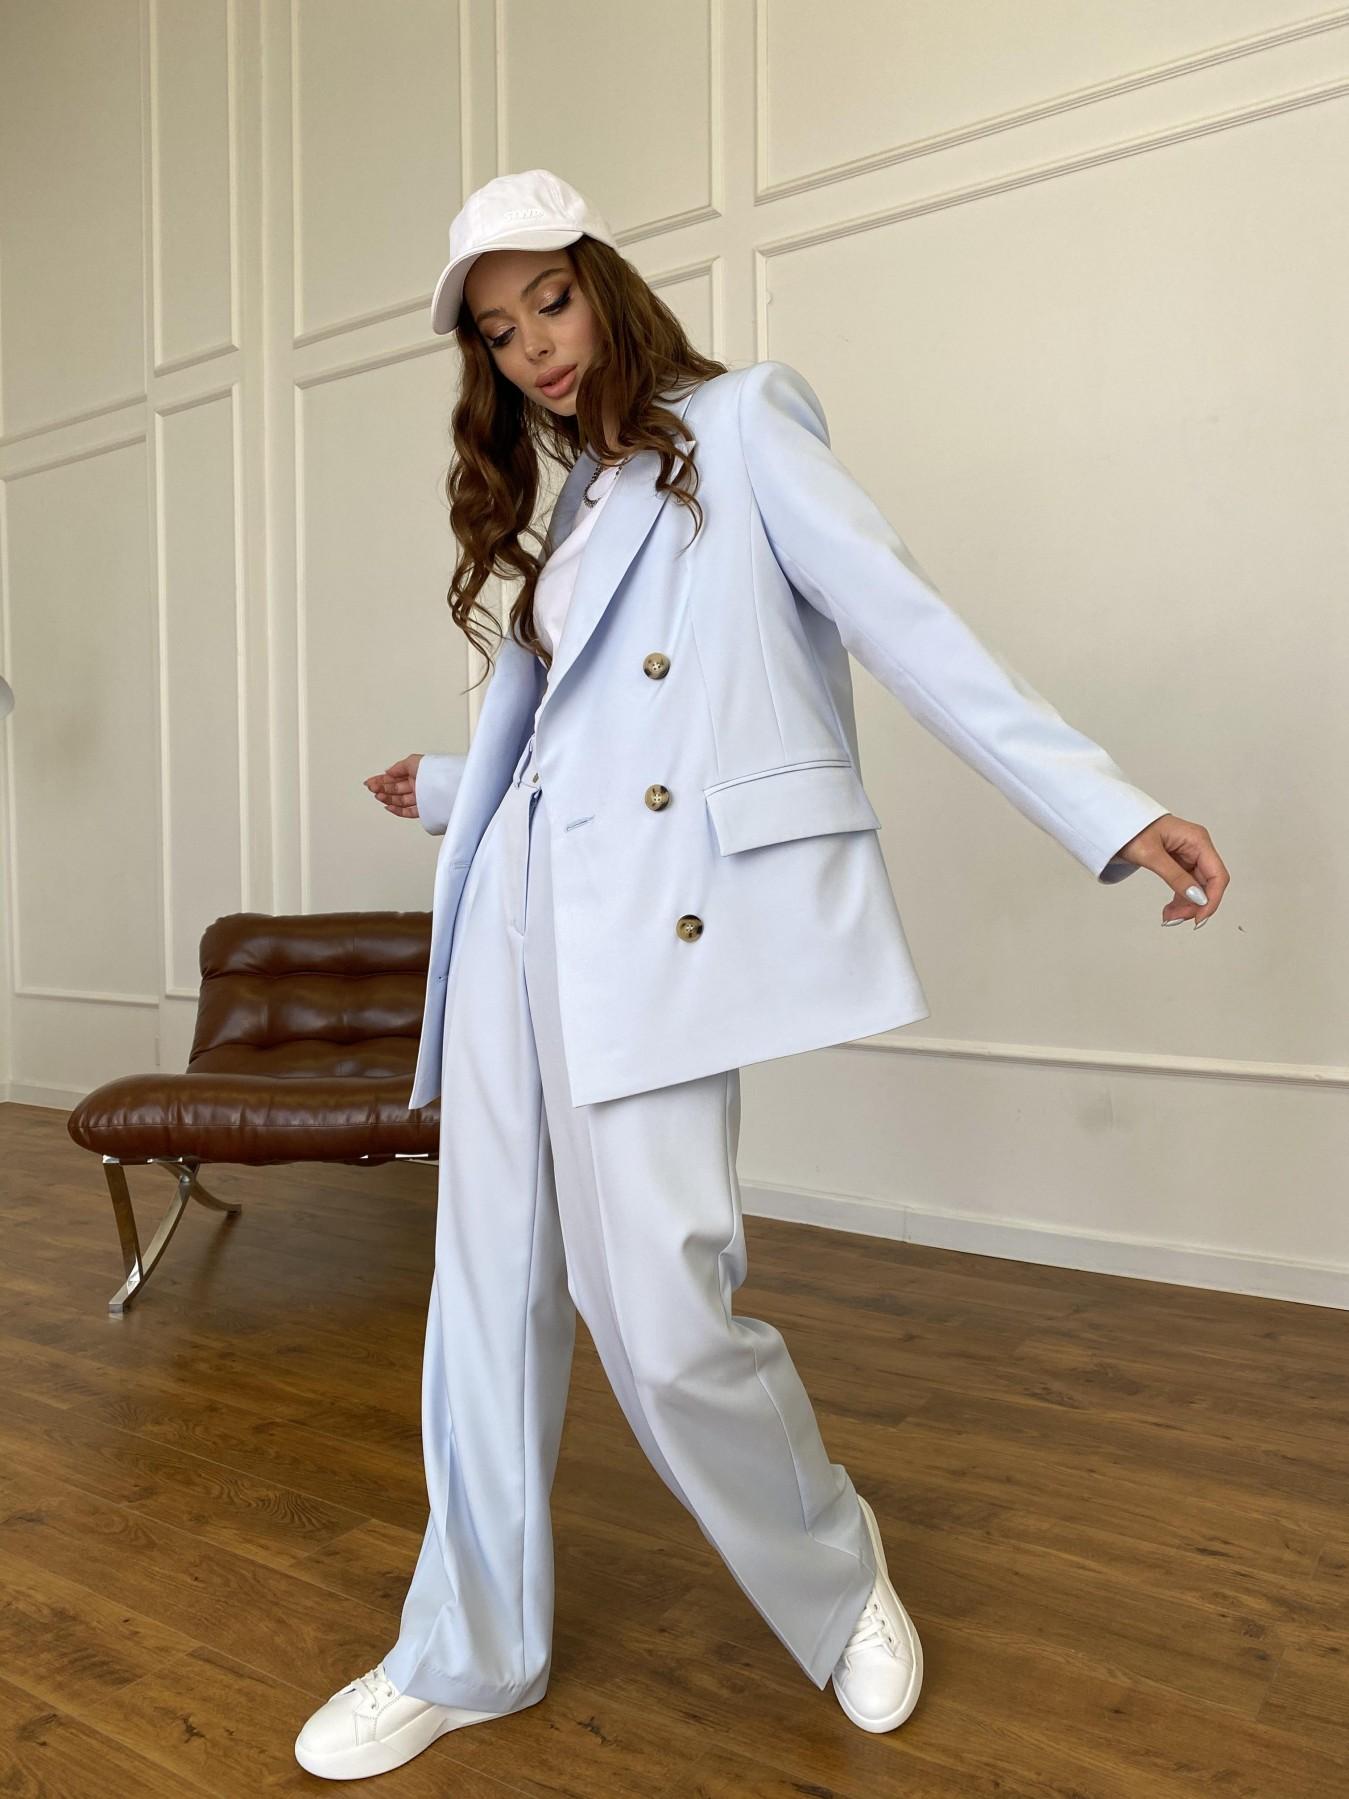 Белисимо жакет из костюмной ткани  стрейч 11192 АРТ. 47697 Цвет: Голубой - фото 9, интернет магазин tm-modus.ru